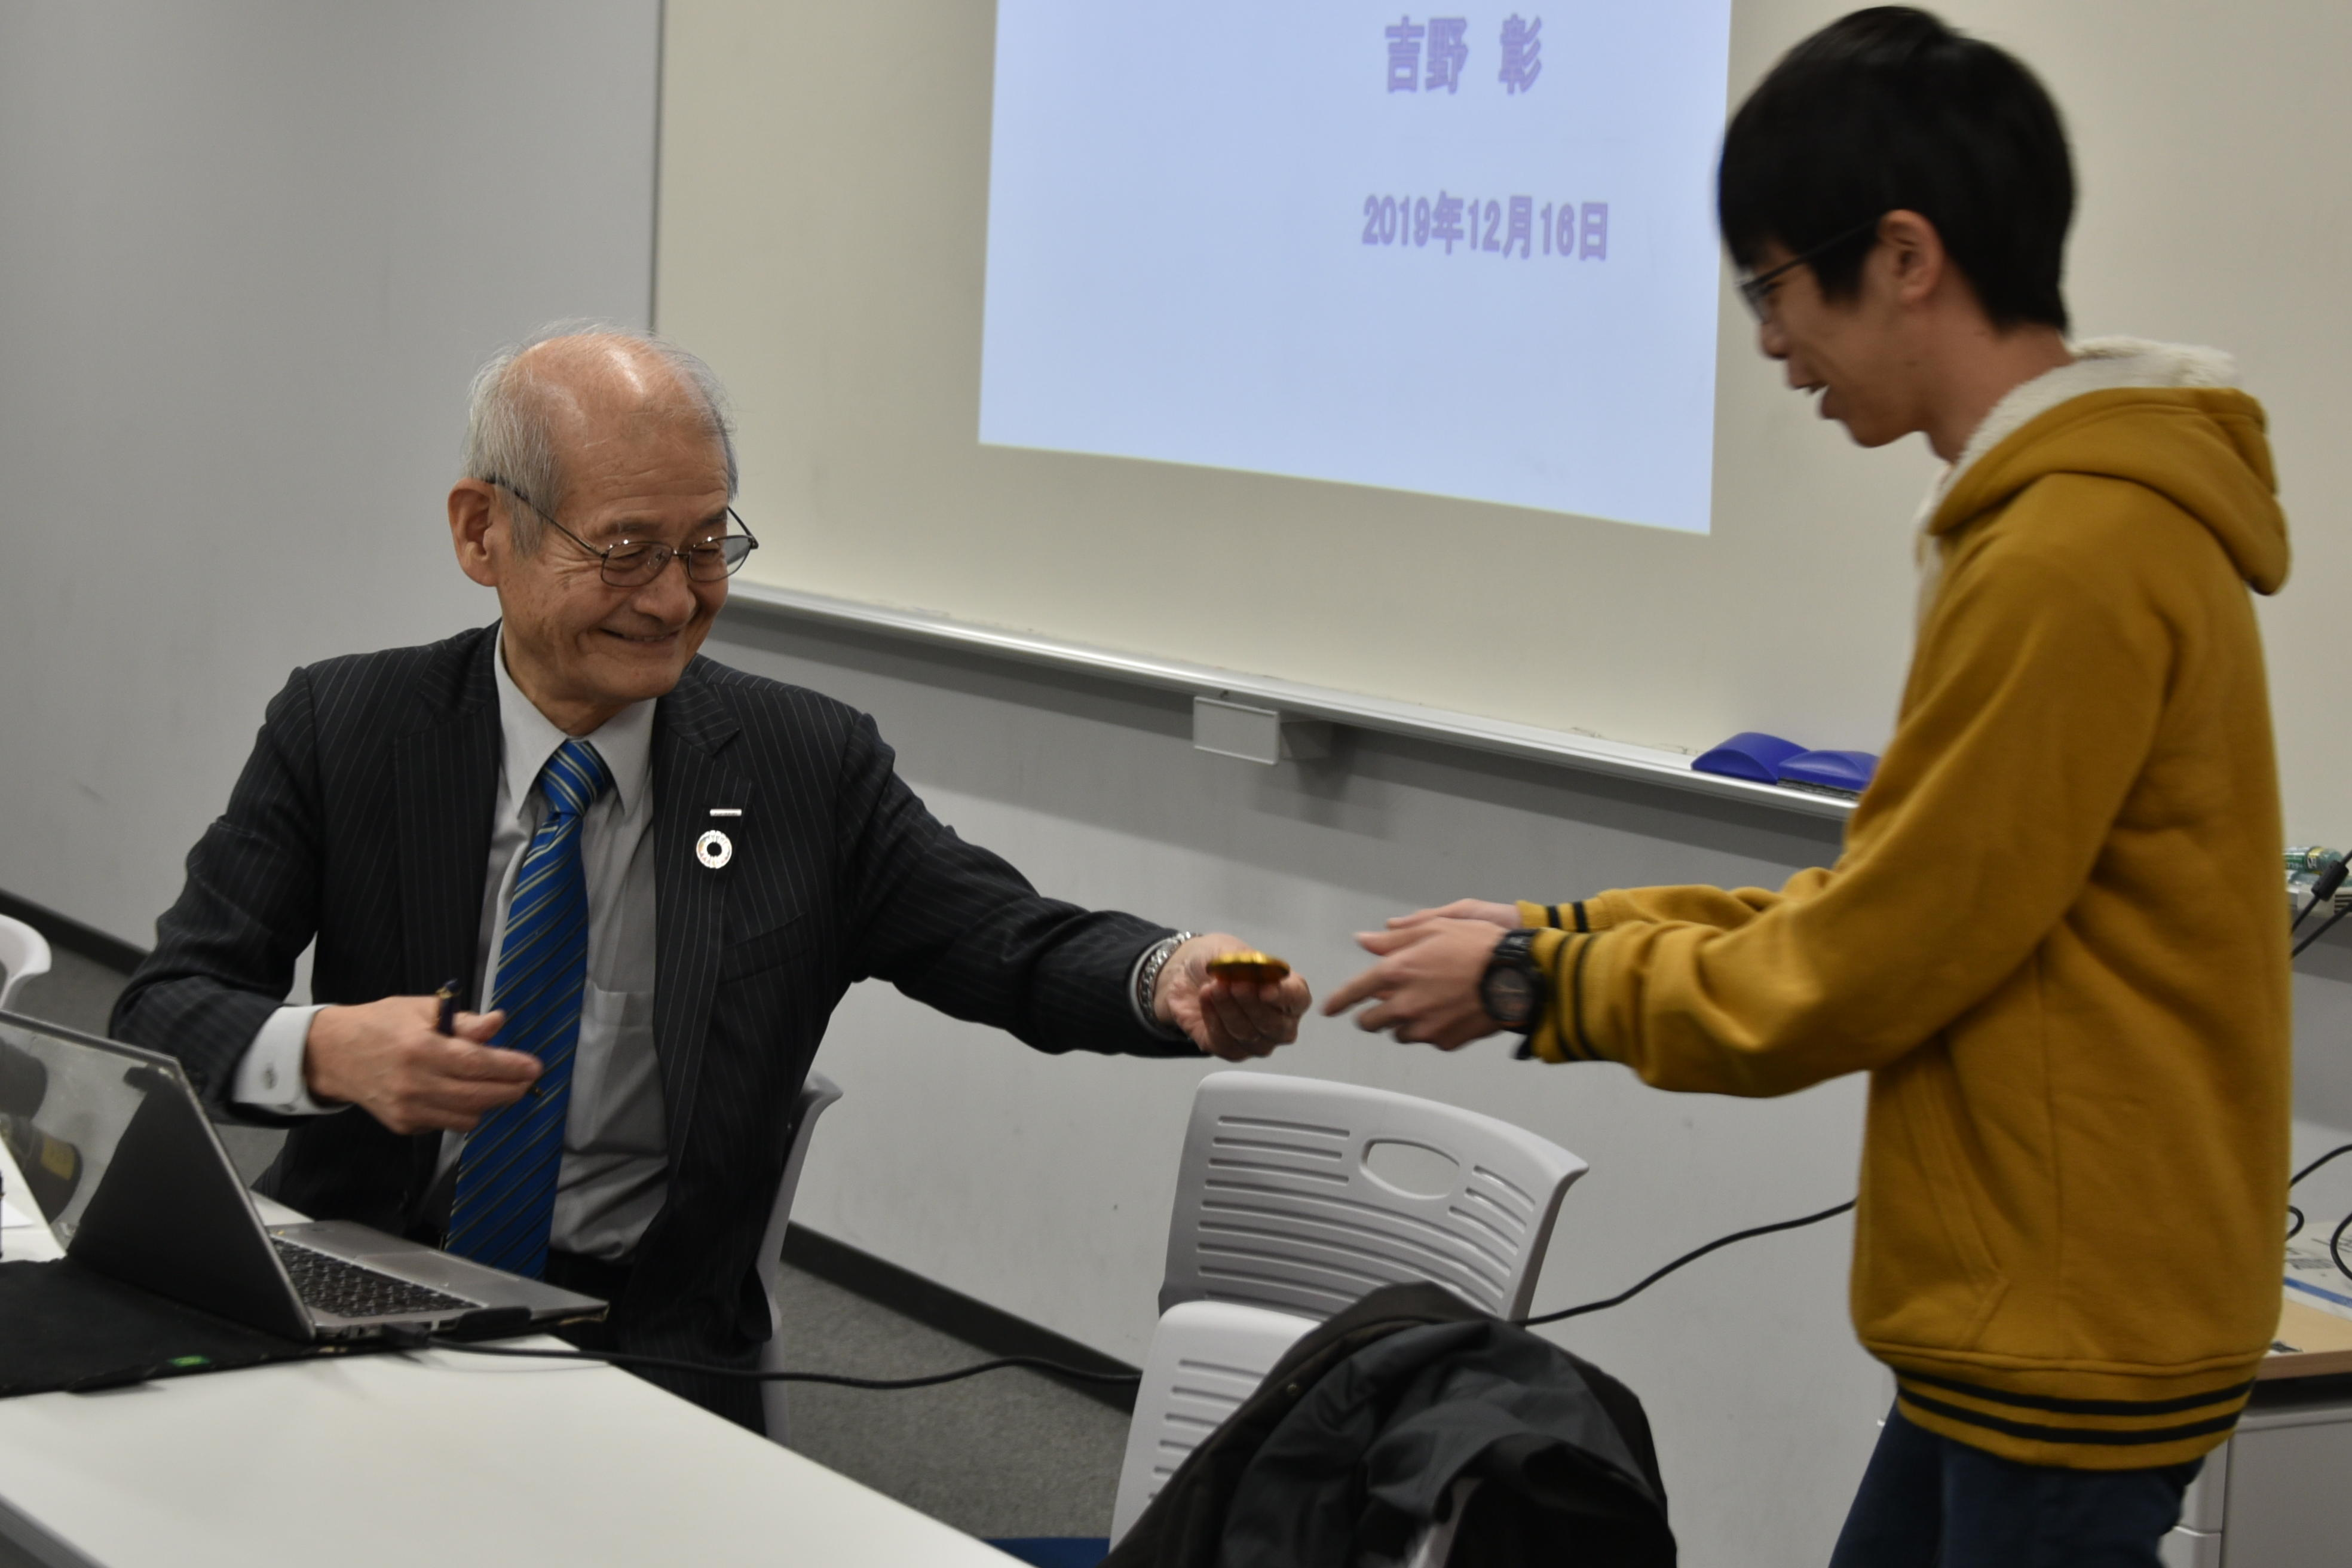 メダルチョコにサインし、一人一人に手渡す吉野教授